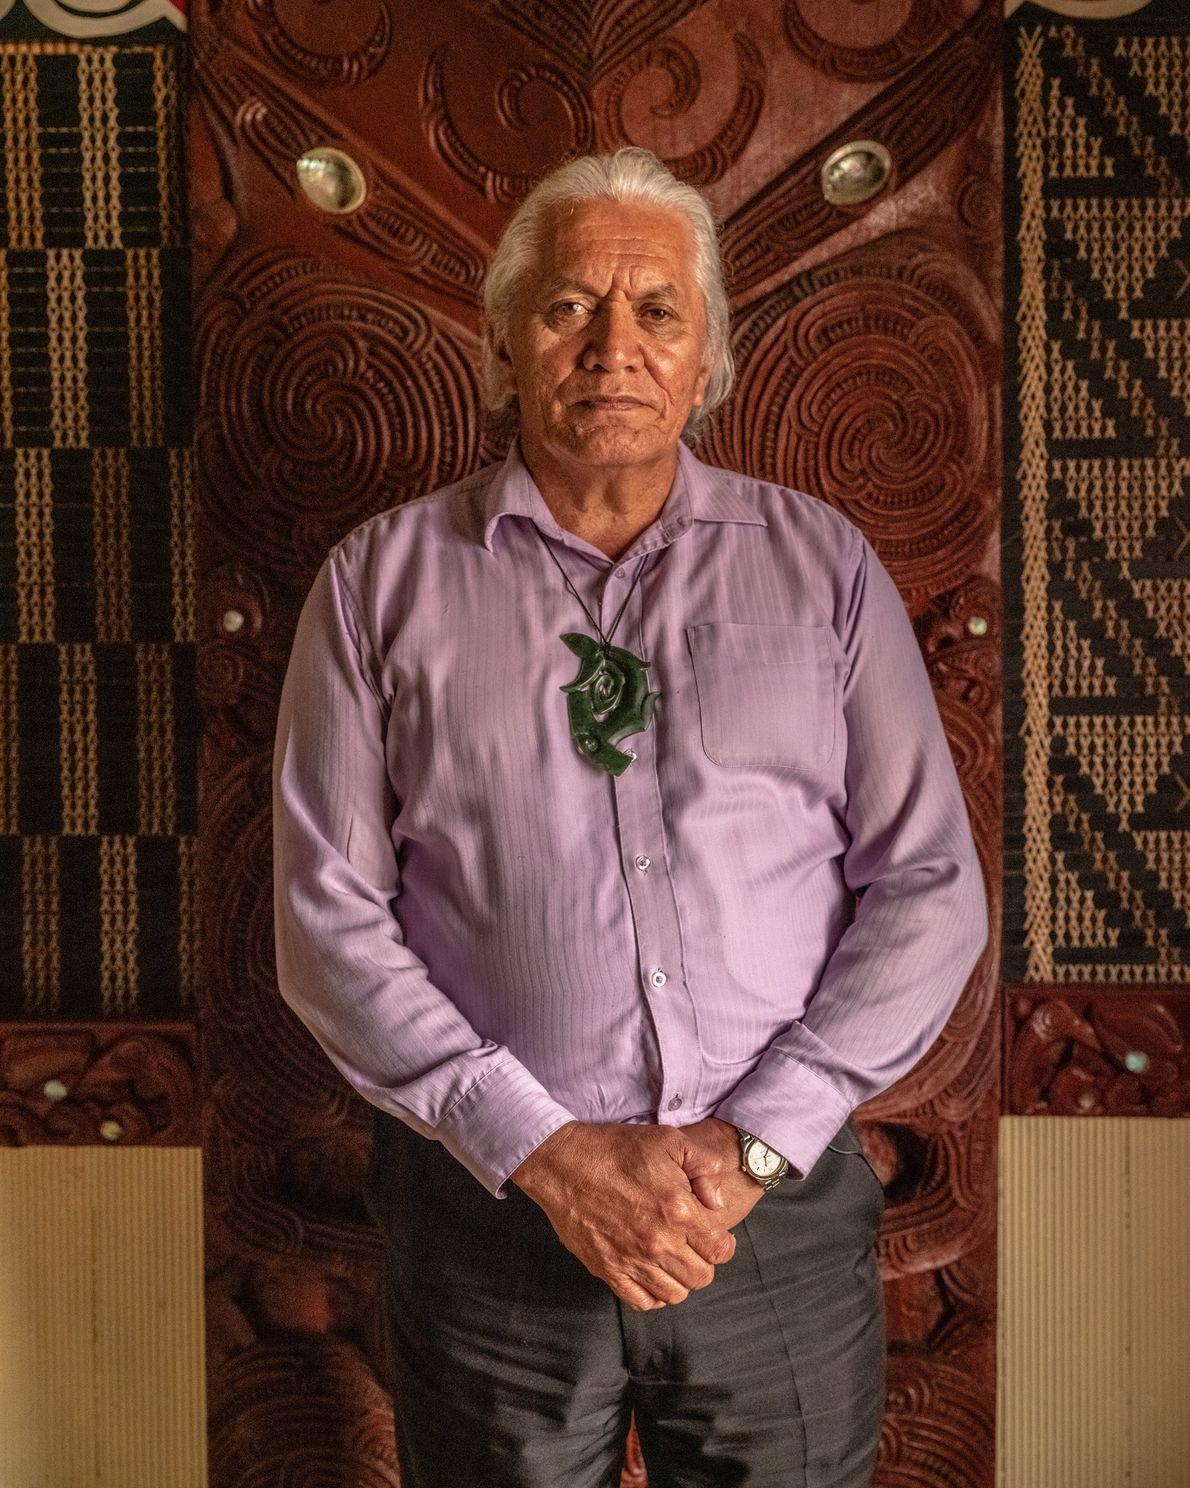 Te Taru White, a kaumatua (a respected elder in Māori society), pictured at the Te Takinga ...